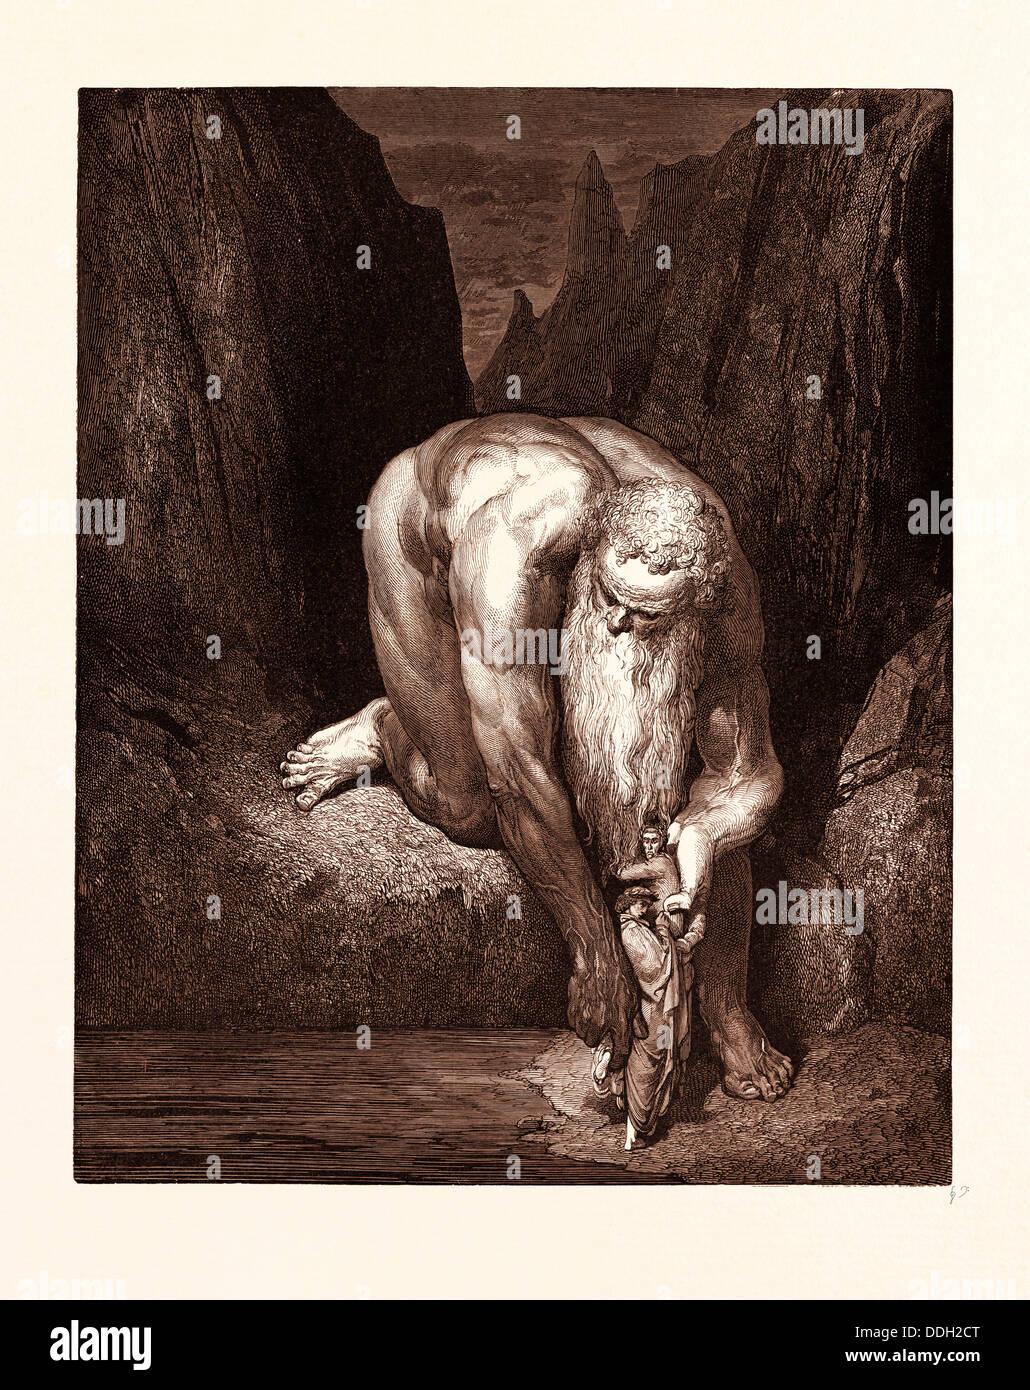 DER Riese ANTAEUS, von GUSTAVE DORE, 1832-1883, Französisch. Gravur für das Inferno von Dante. 1870, Kunst, Stockbild